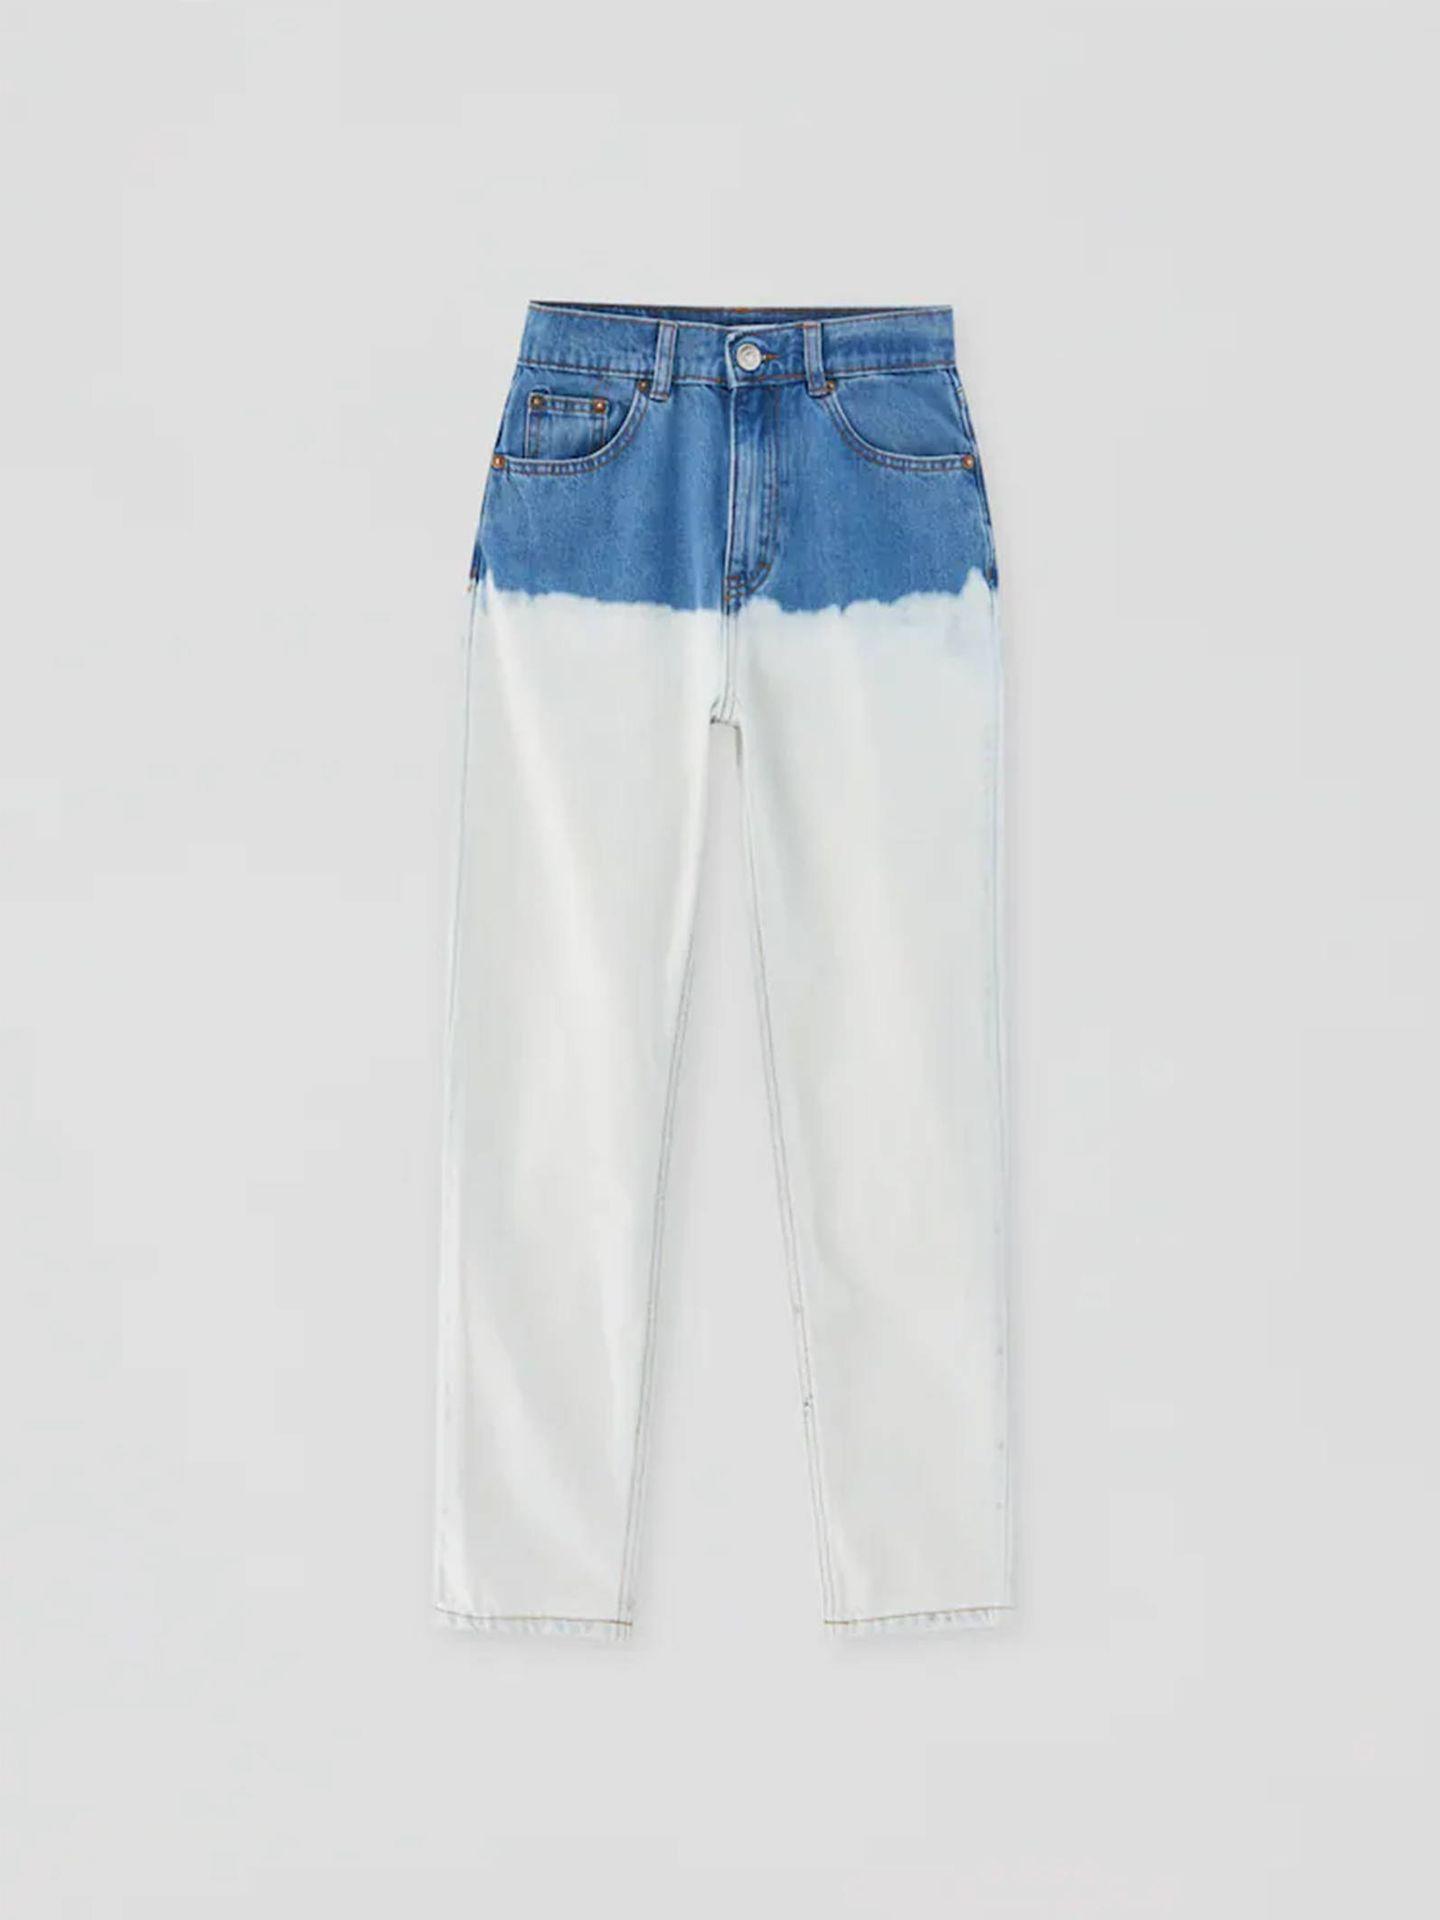 Pantalones vaqueros de Pull and Bear. (Cortesía)